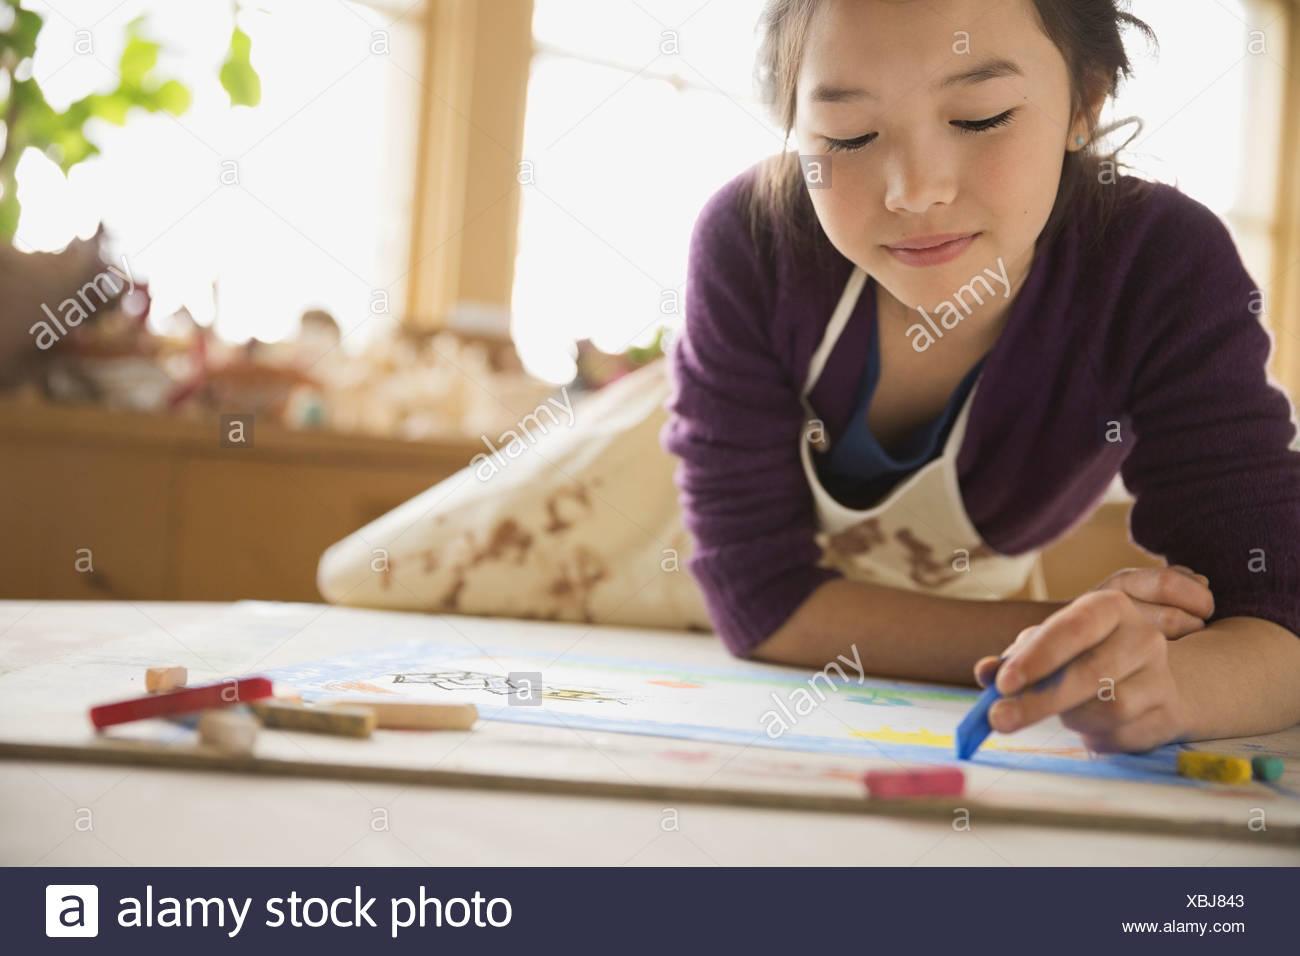 Dibujo chica con pastel en la clase de arte Imagen De Stock